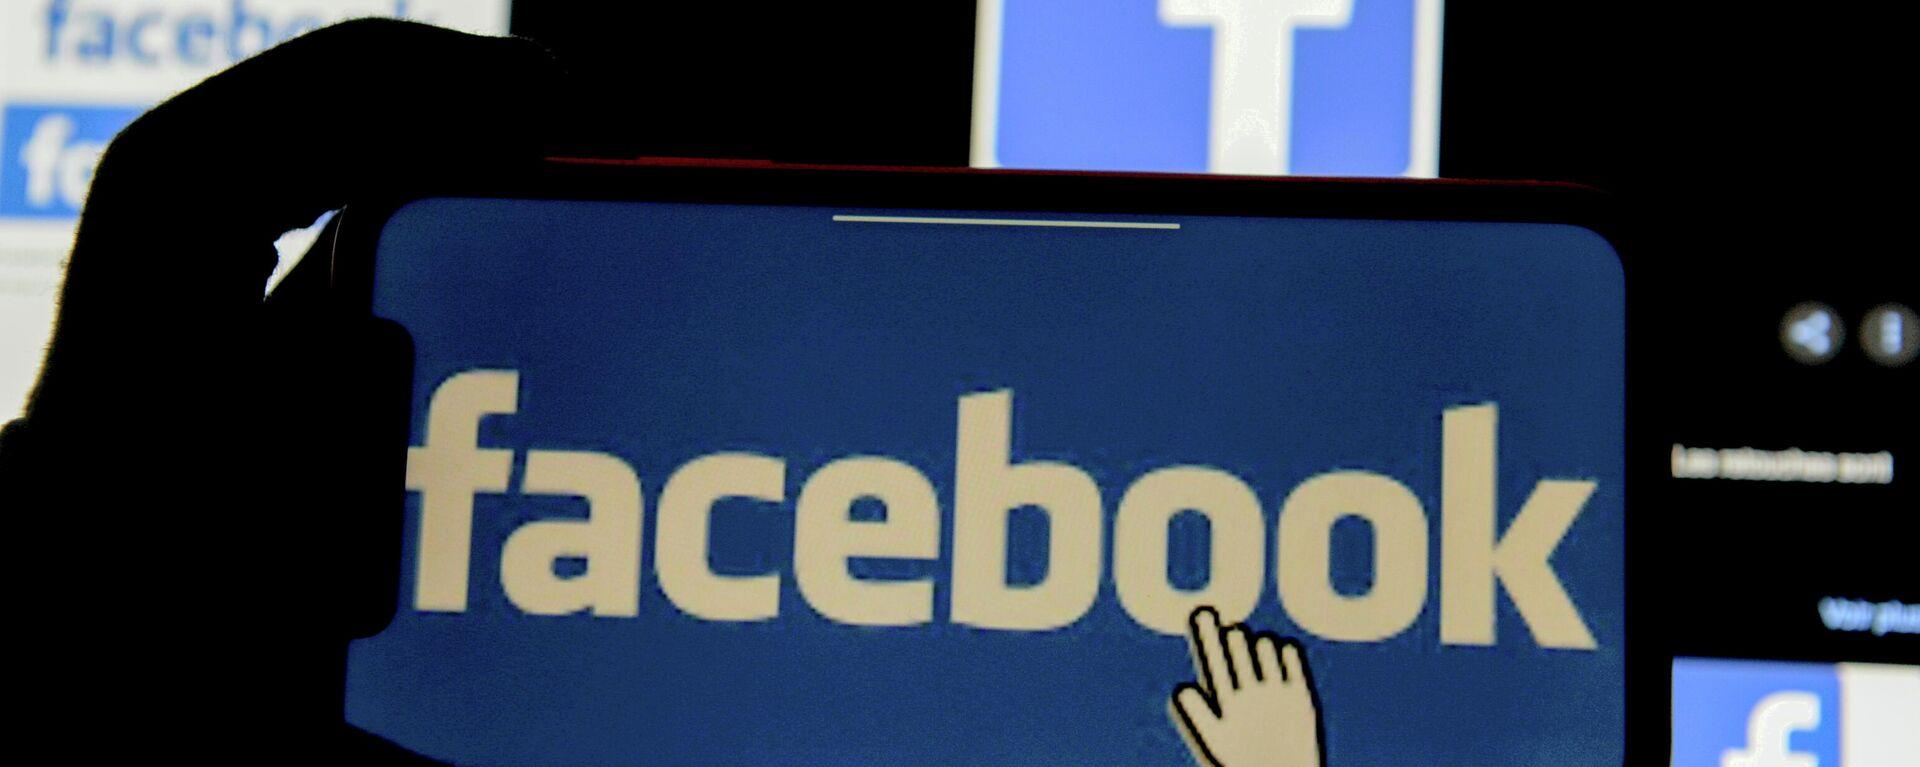 Facebook-Logo - SNA, 1920, 12.10.2021